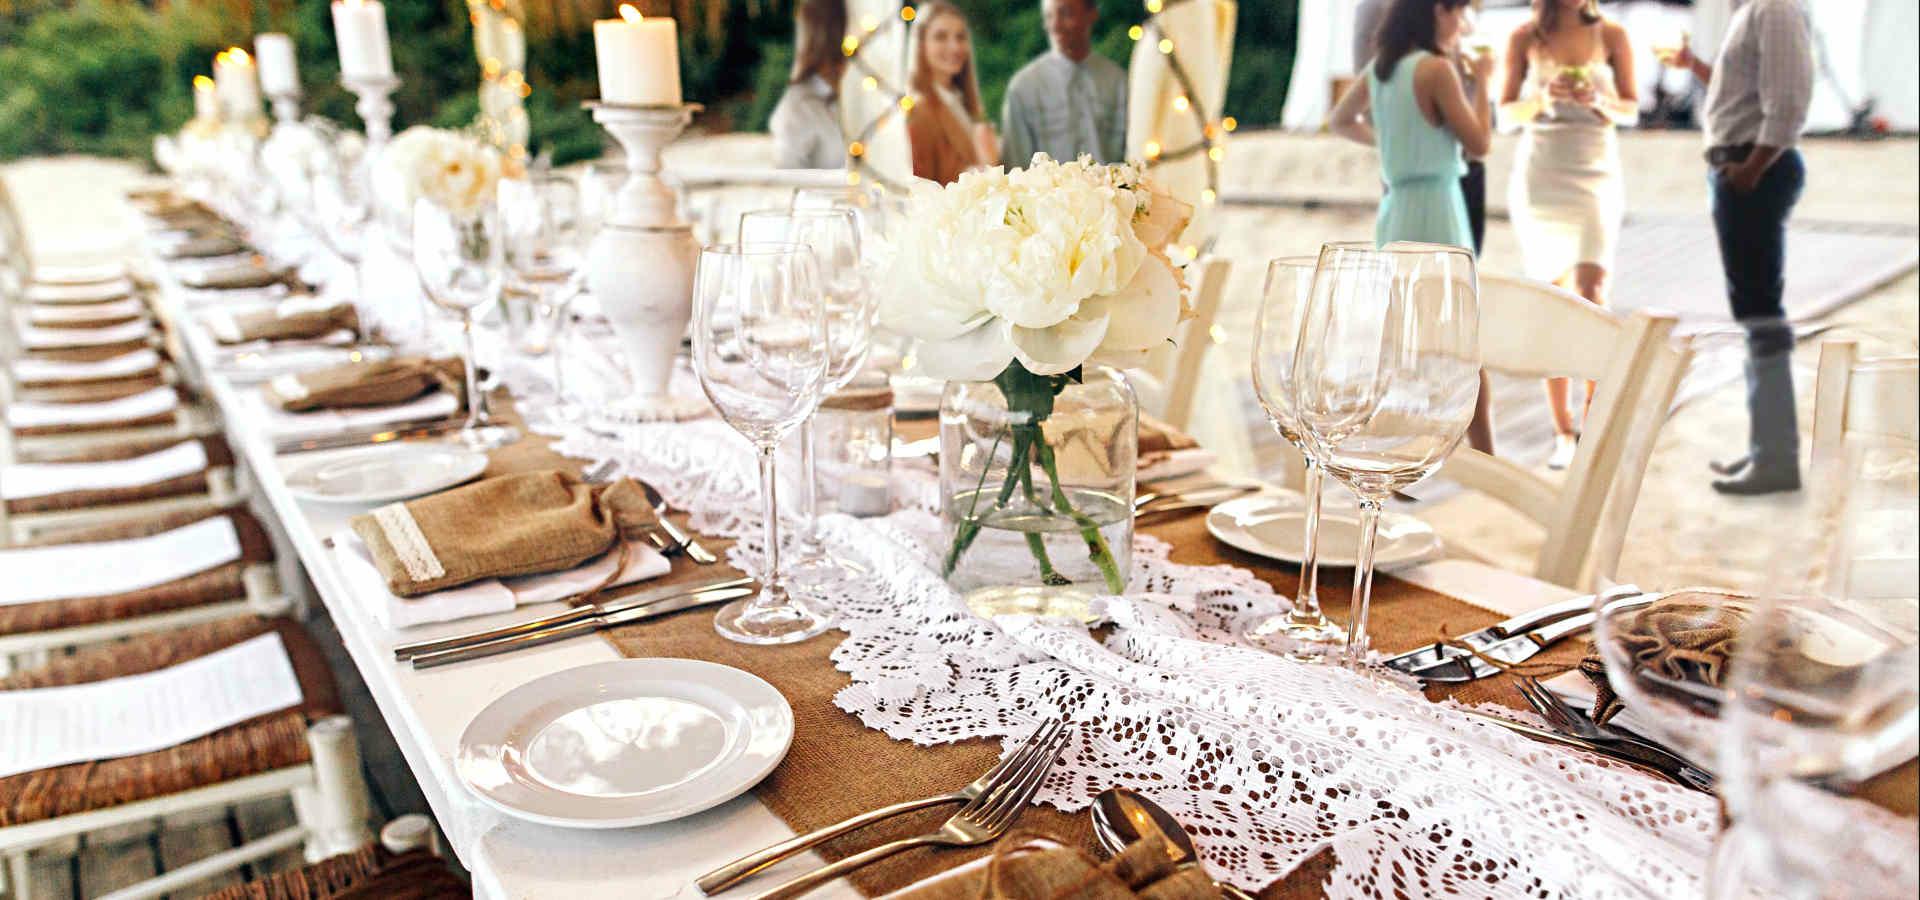 deco-de-table-mariage-campagne-chic-toile-de-jute